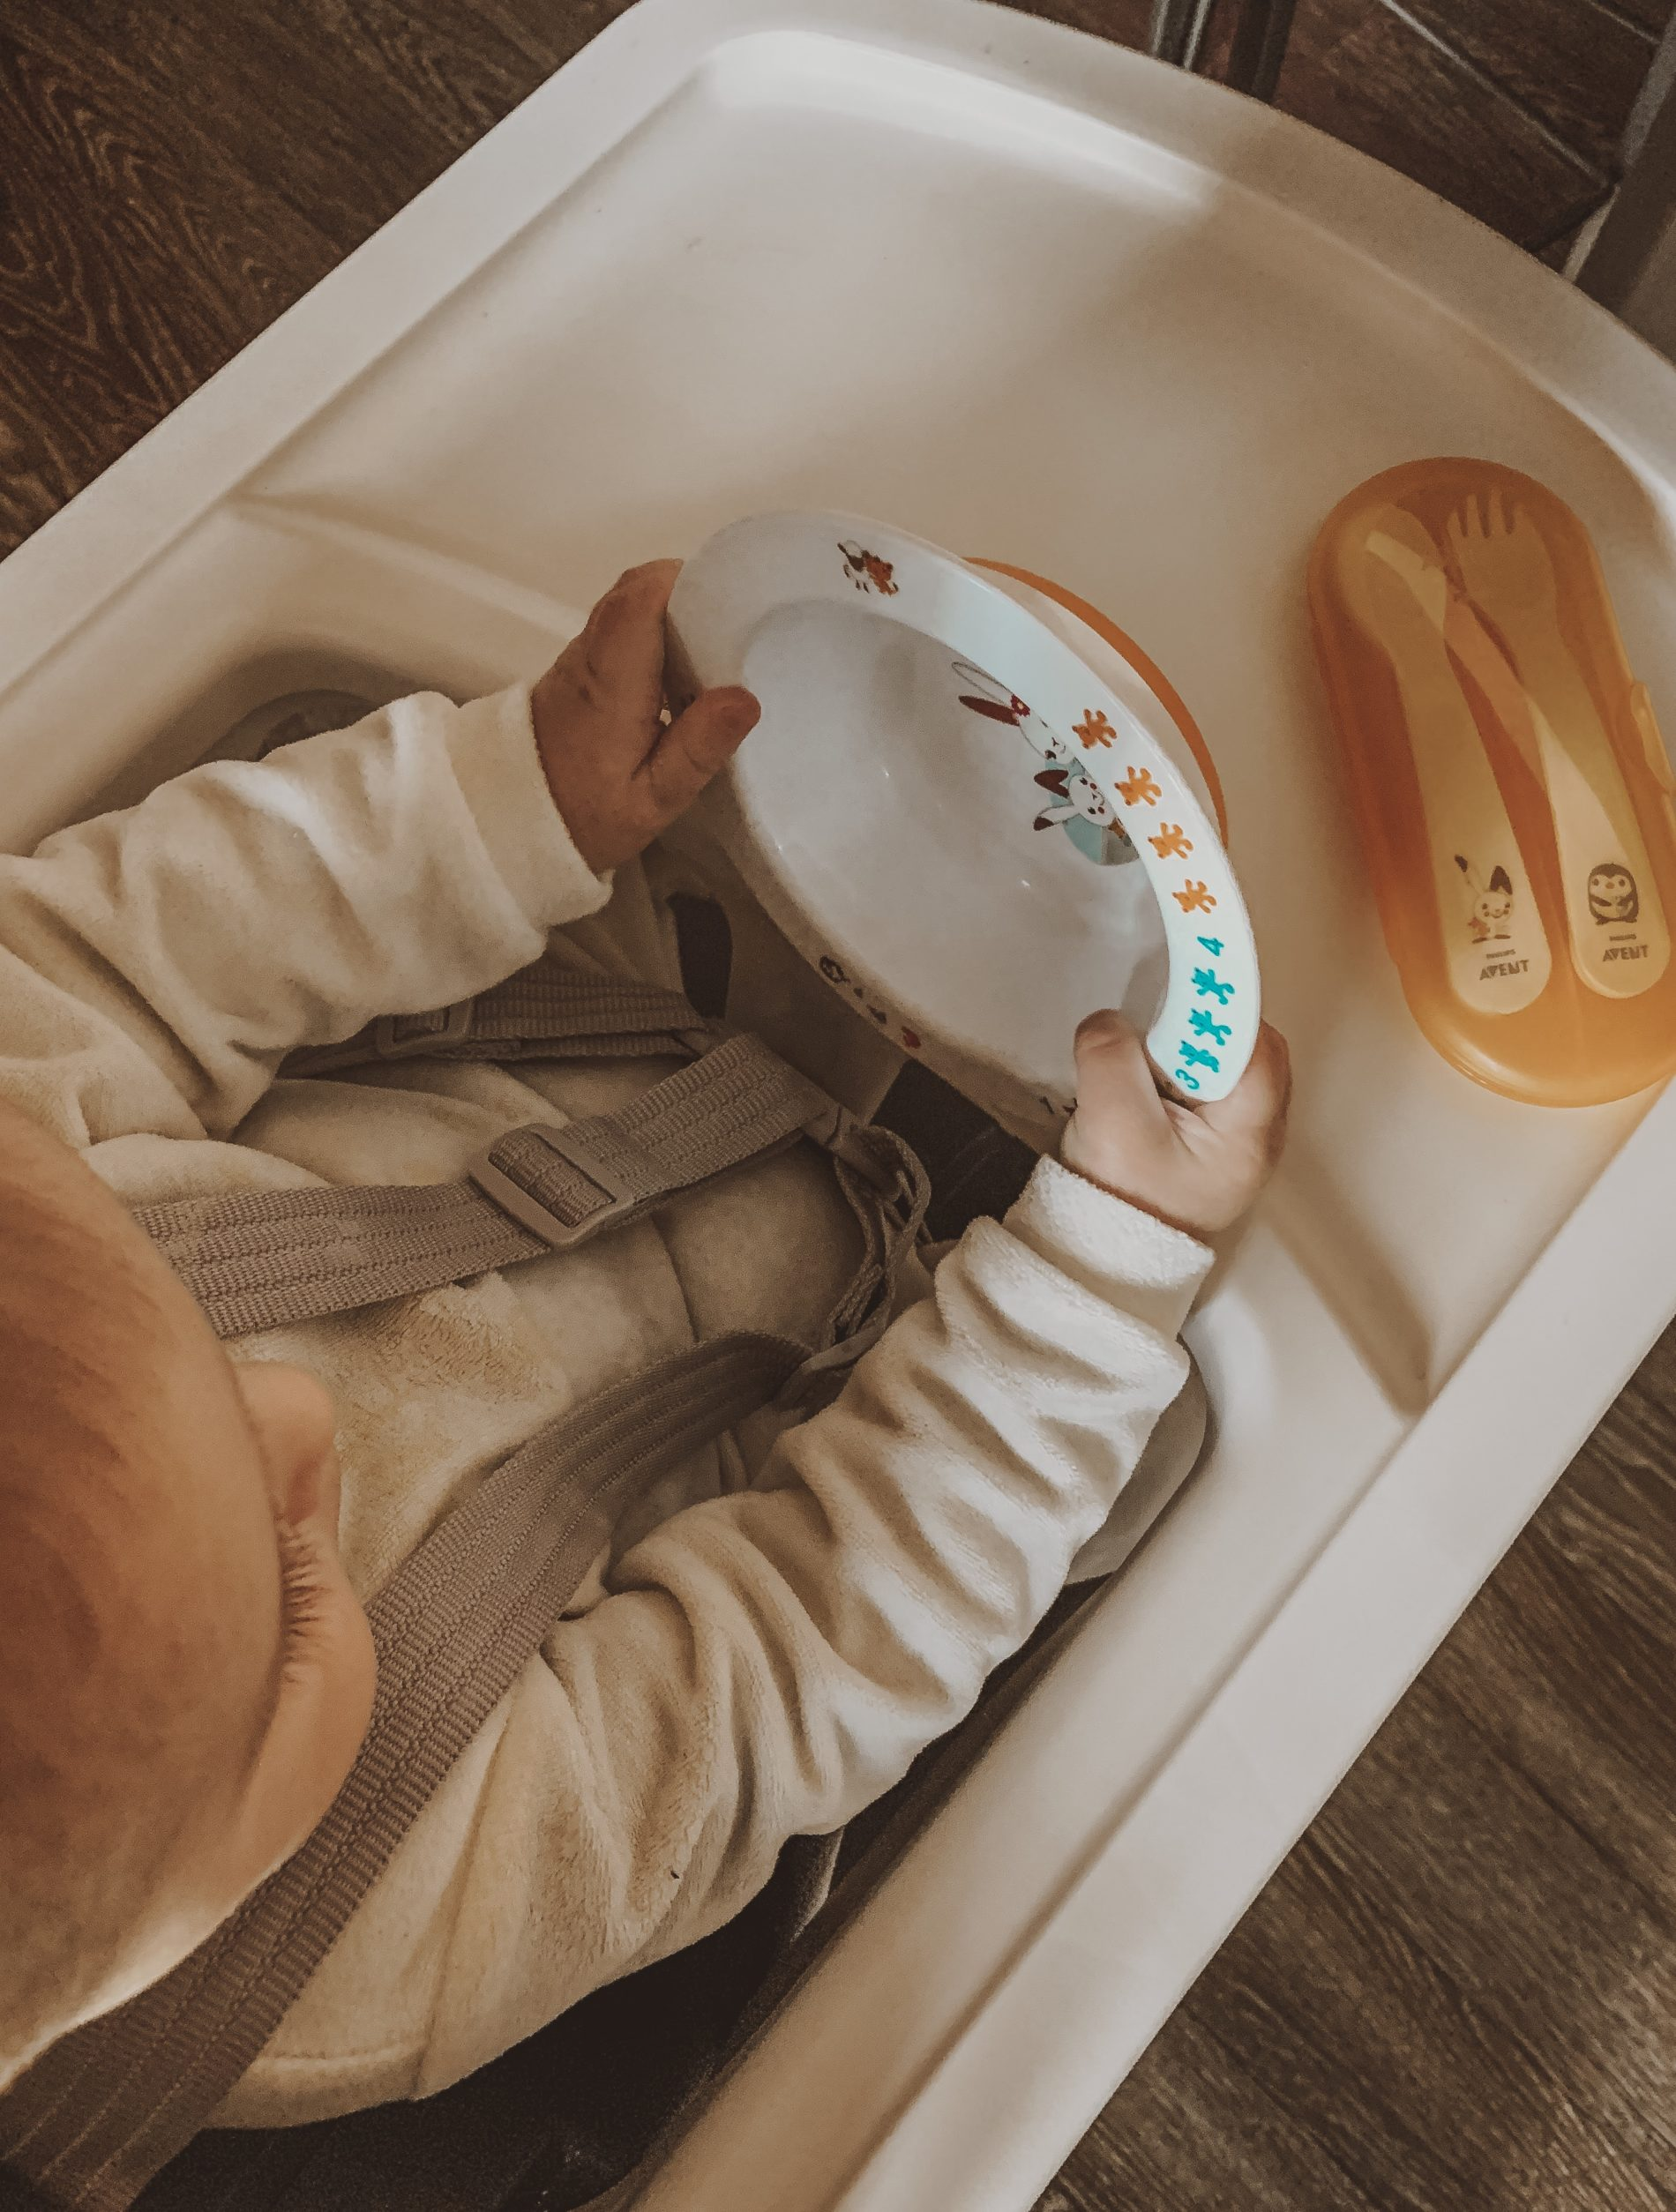 prodotti avent utili primi mesi neonato